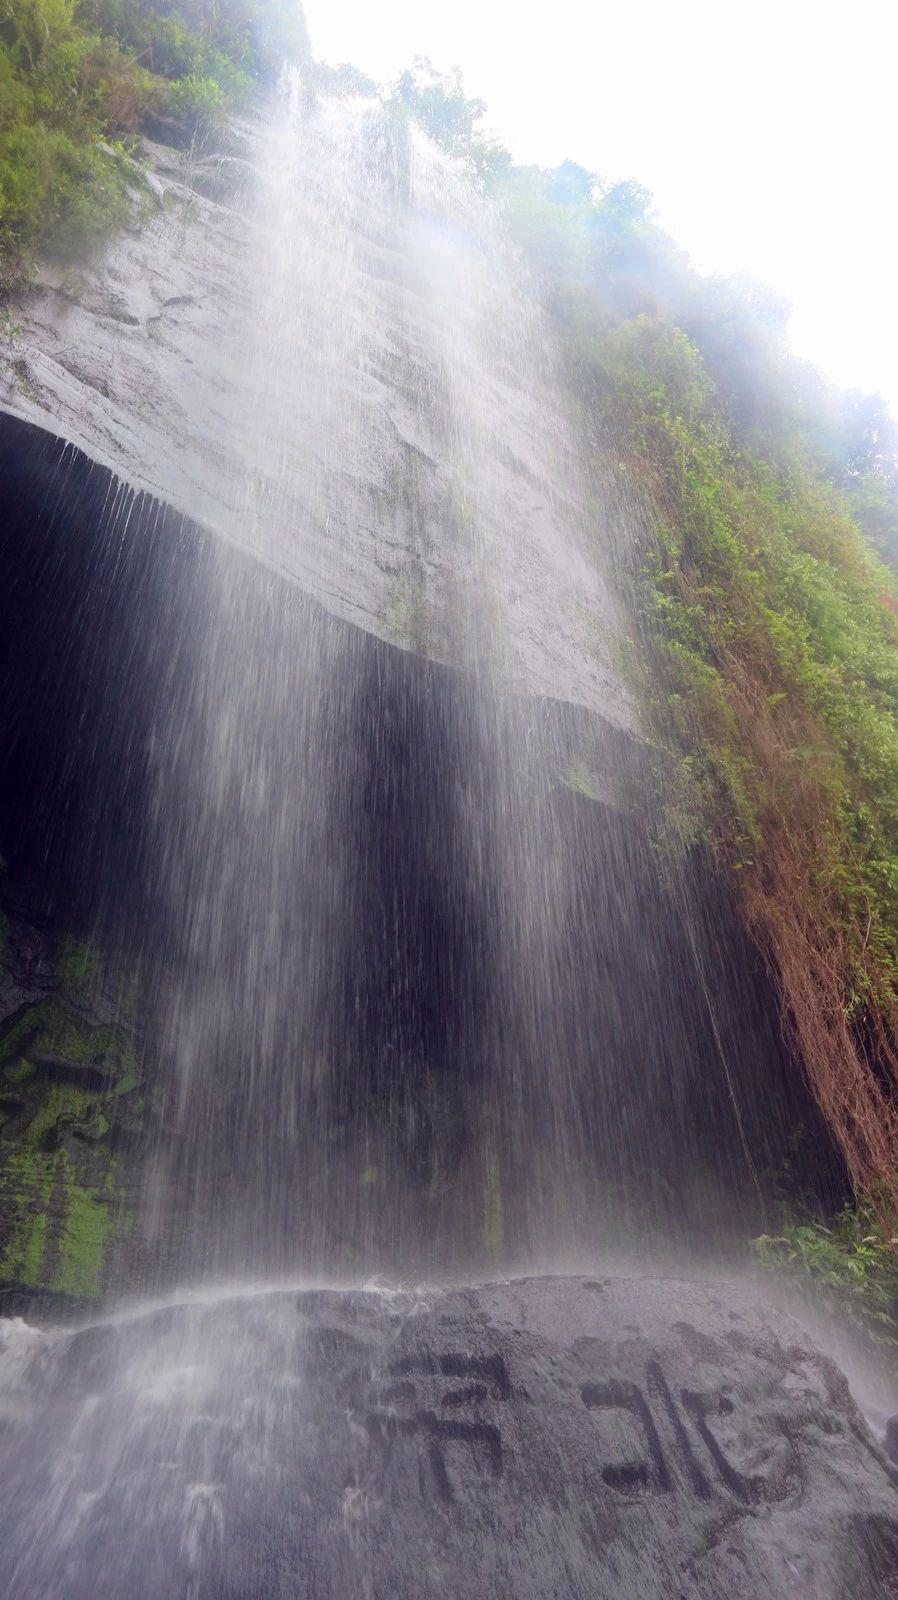 壁纸 风景 旅游 瀑布 山水 桌面 898_1600 竖版 竖屏 手机